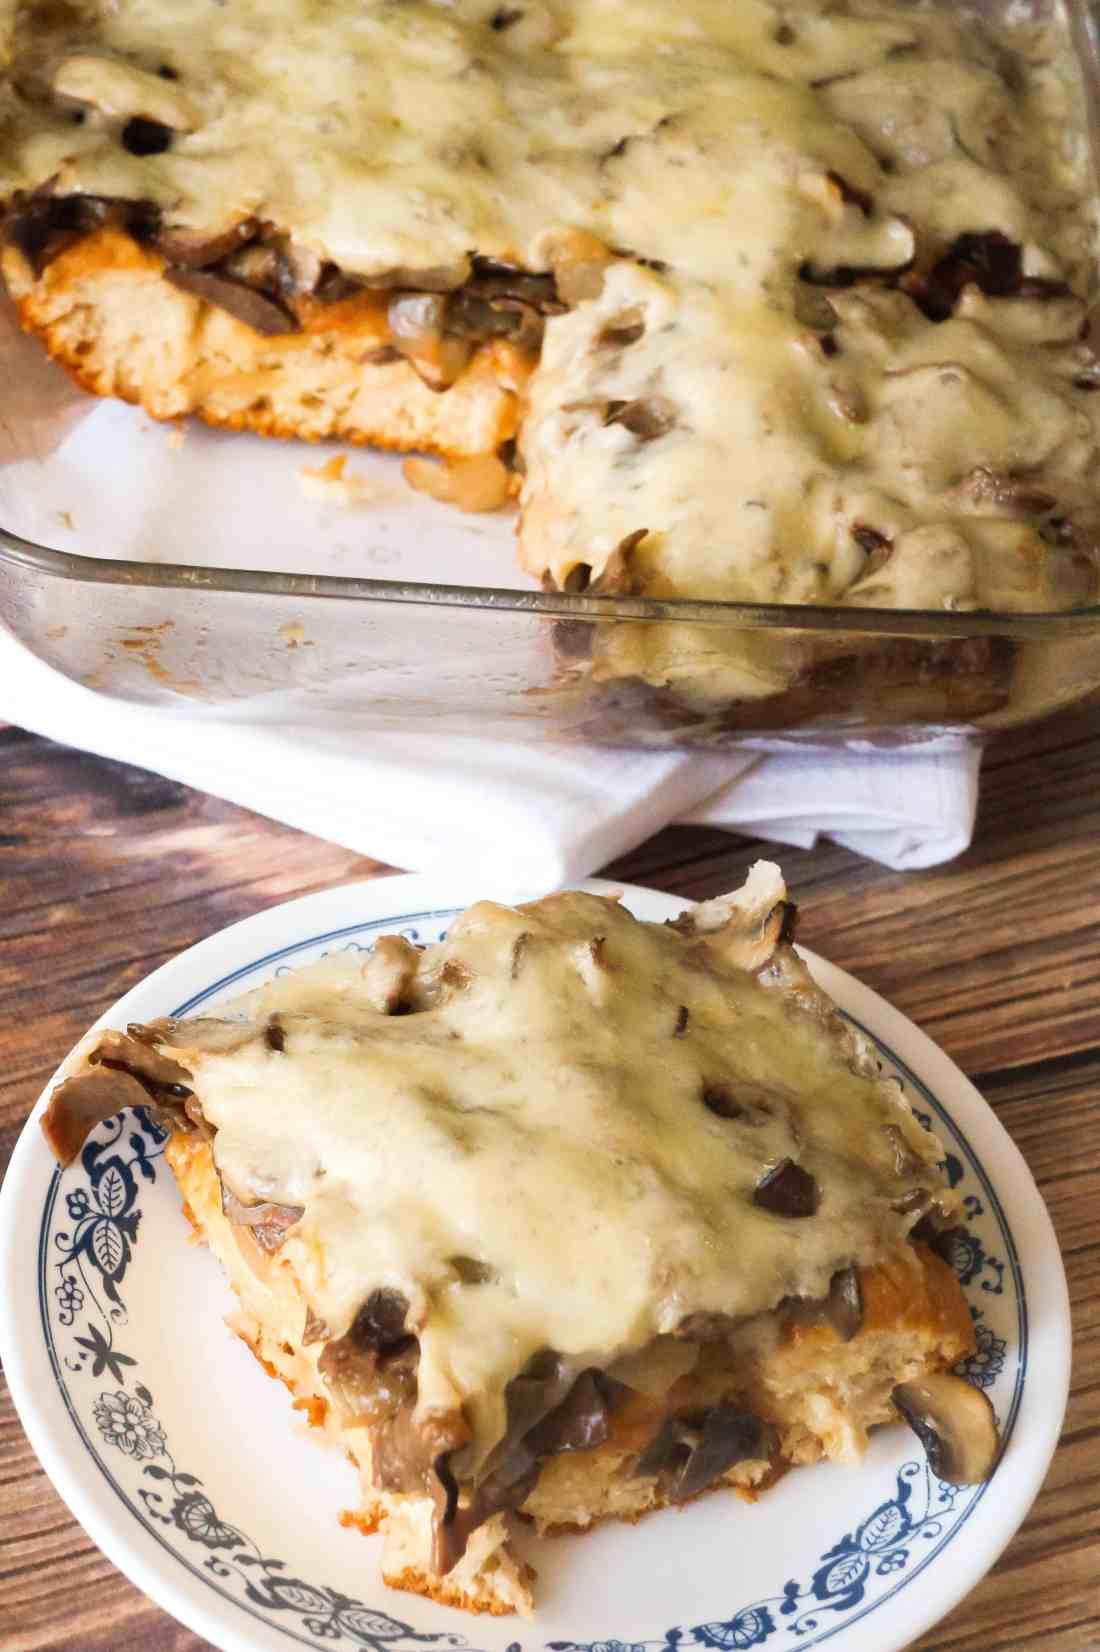 Mushroom Swiss Roast Beef Biscuit Casserole is an easy dinner recipe